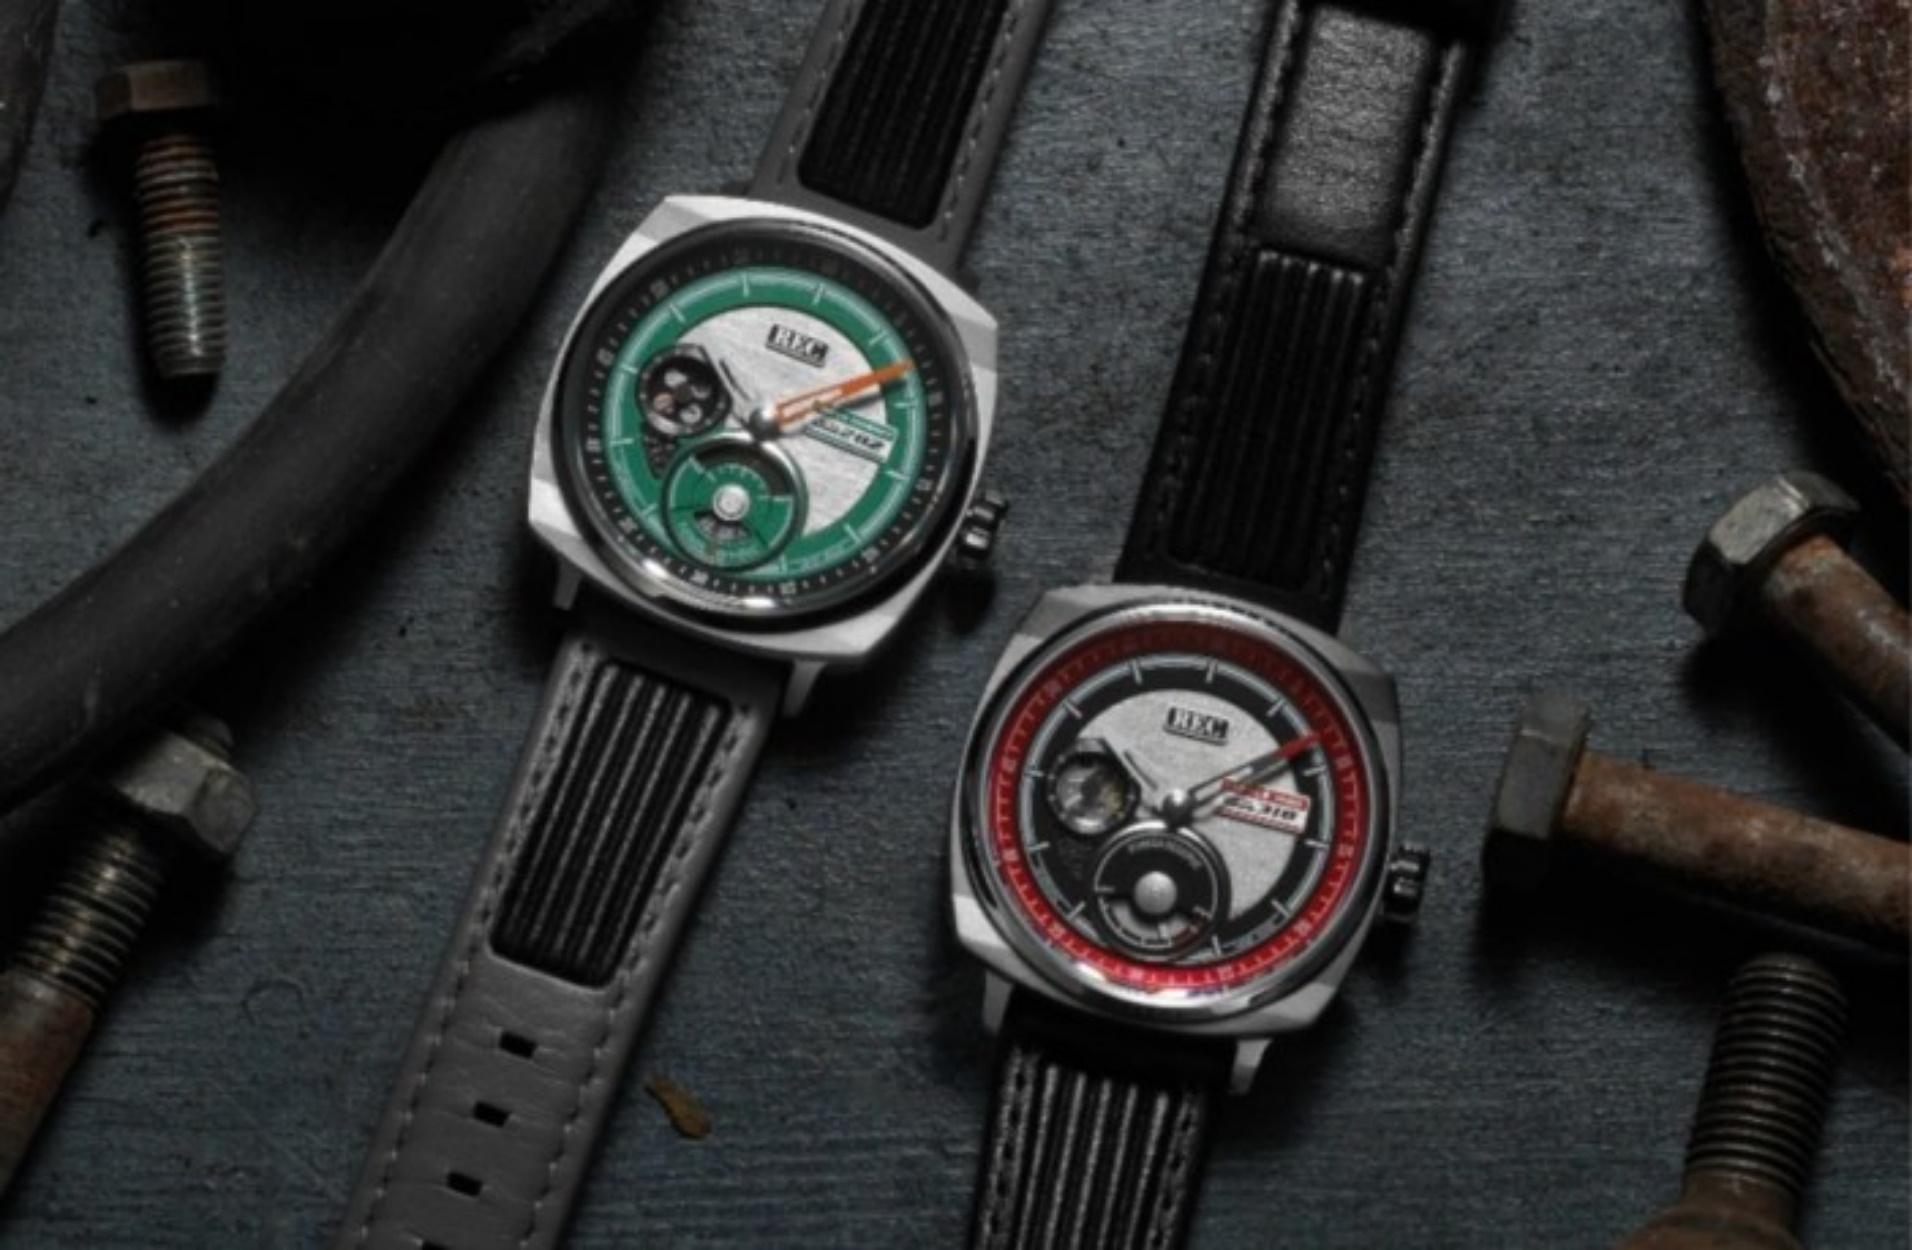 Δύο πανέμορφα ρολόγια με κομμάτια από δύο σπάνιες Ford Shelby